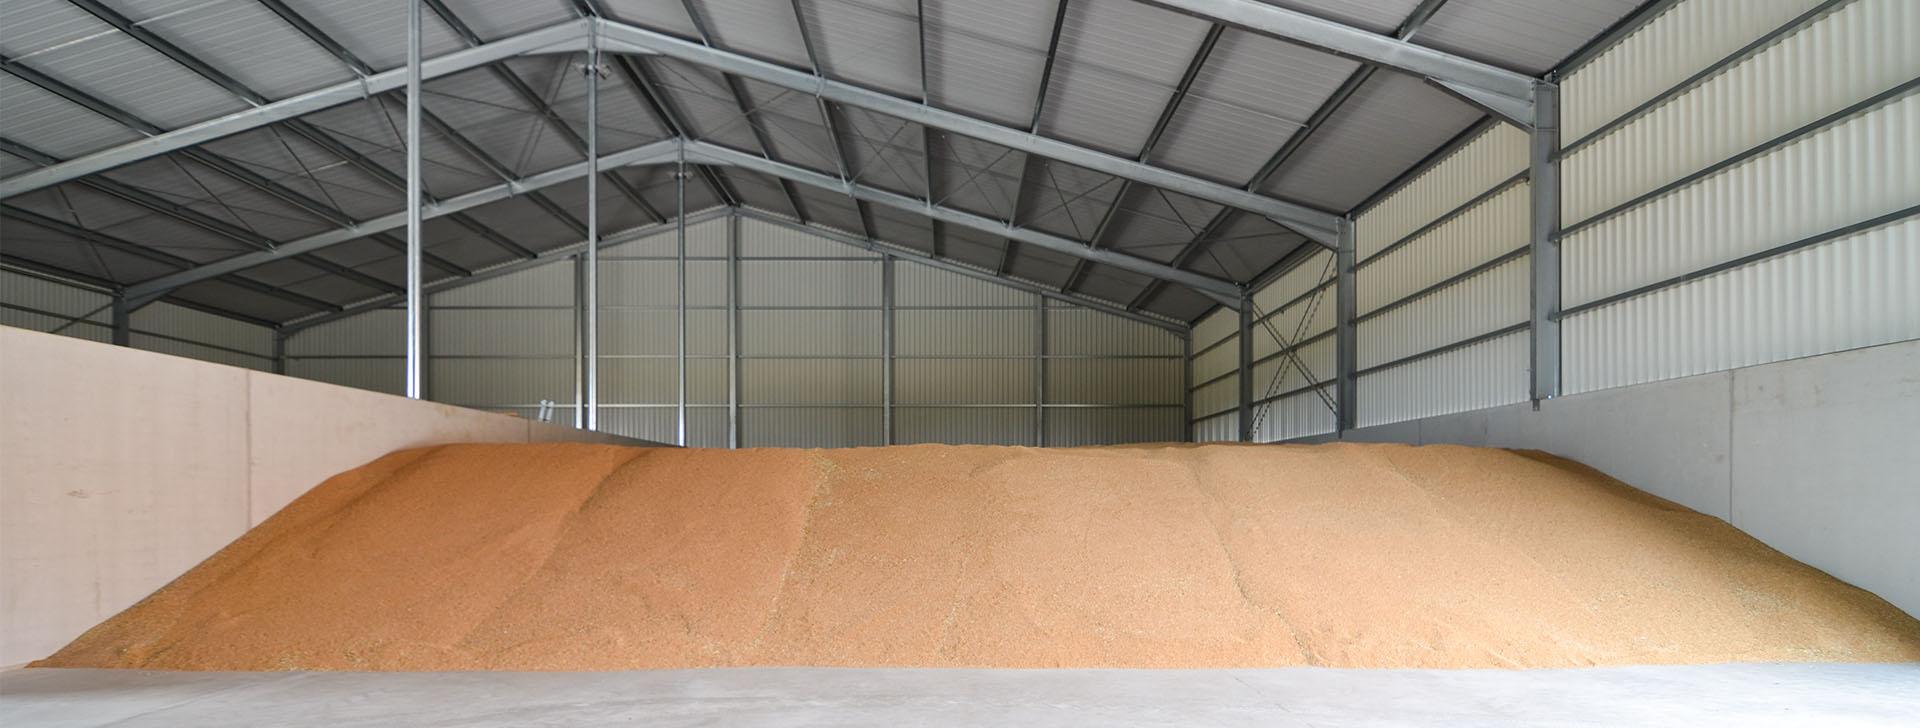 Getreidelagerhalle